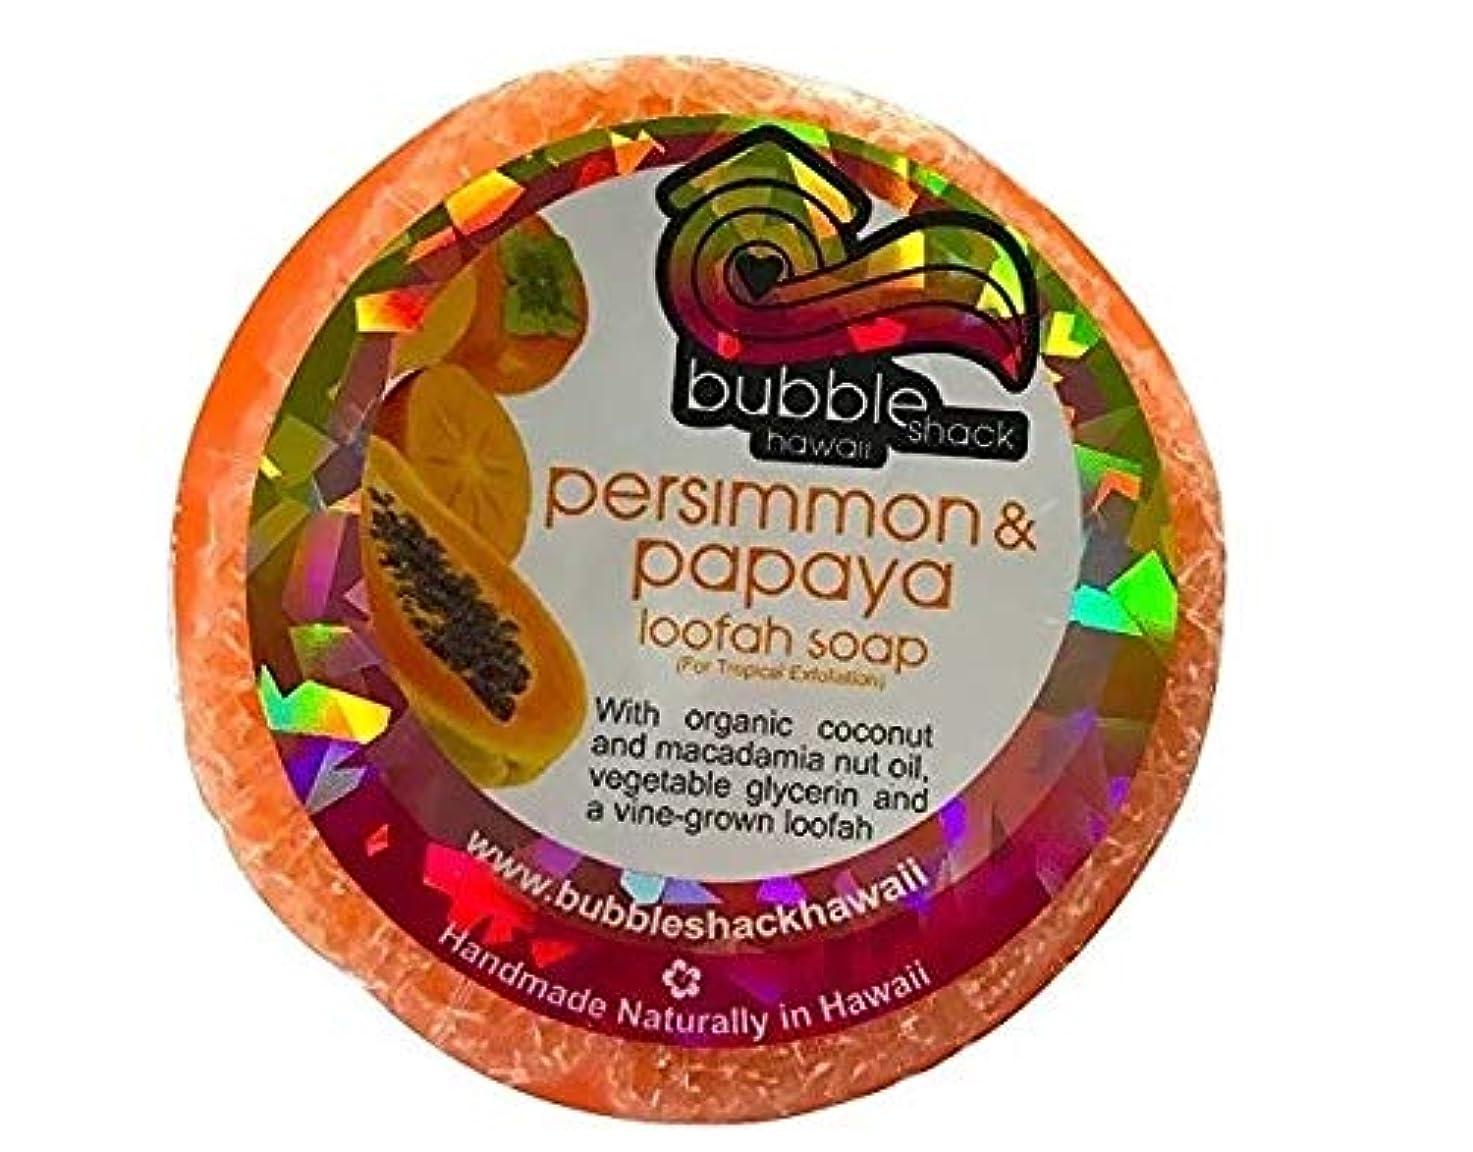 宣言本会議ファブリックハワイアン雑貨/ハワイ 雑貨【バブルシャック】Bubble Shack Hawaii ルーファーソープ(柿&パパイヤ) 【お土産】